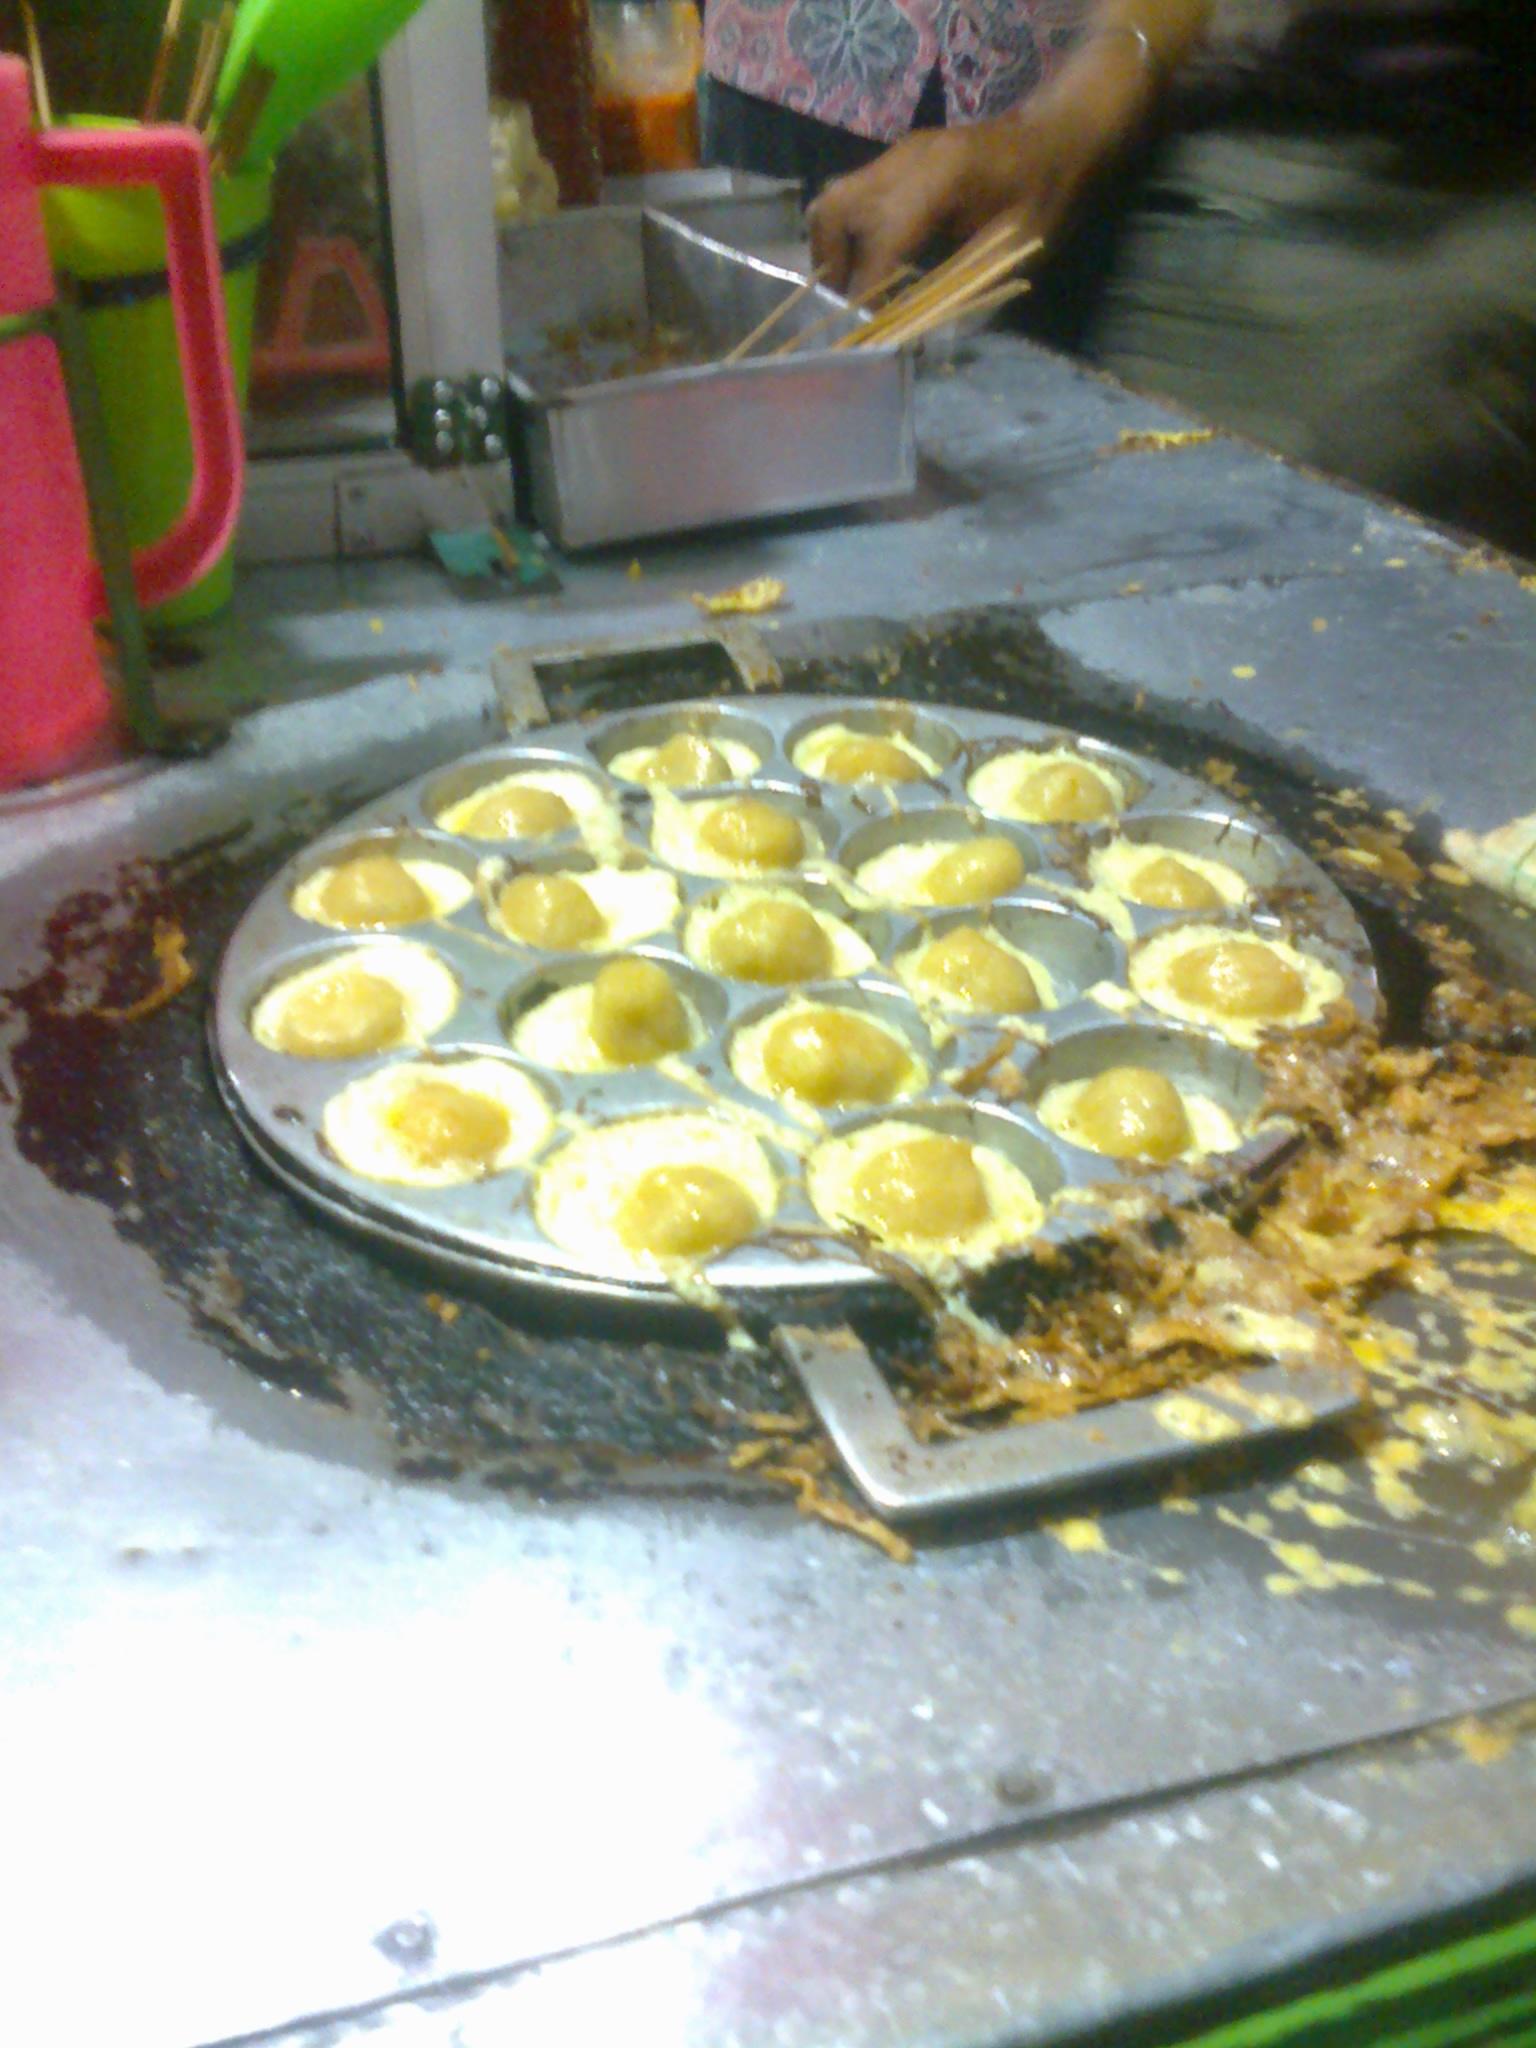 Cara Membuat Pentol Goreng Dari Kentang : membuat, pentol, goreng, kentang, JAJANAN, TANGLUR, SITUBONDO, SUSTAINABLE.MOVEMENT